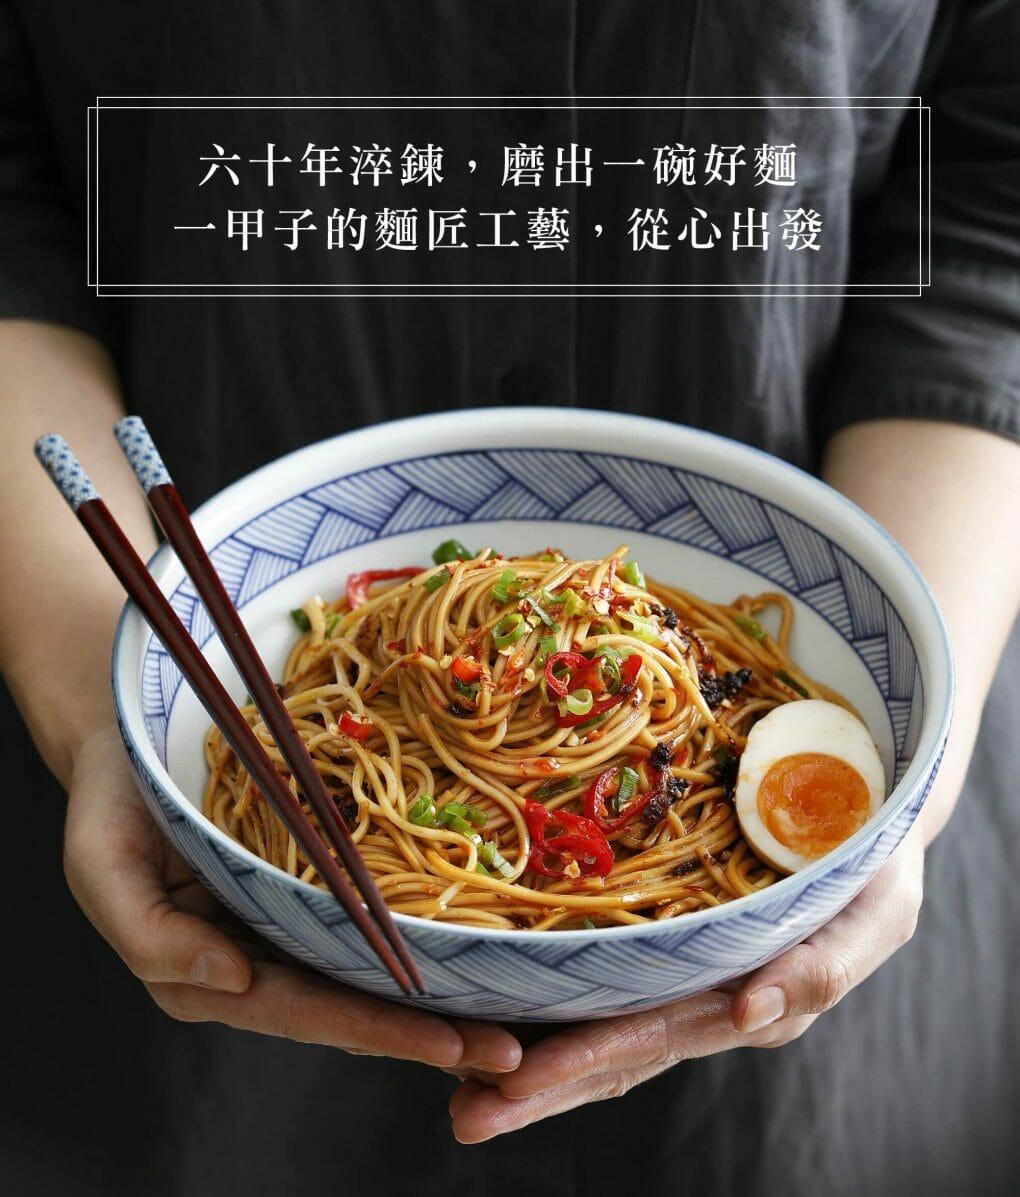 辣椒乾拌麵(椒麻原味) - 7